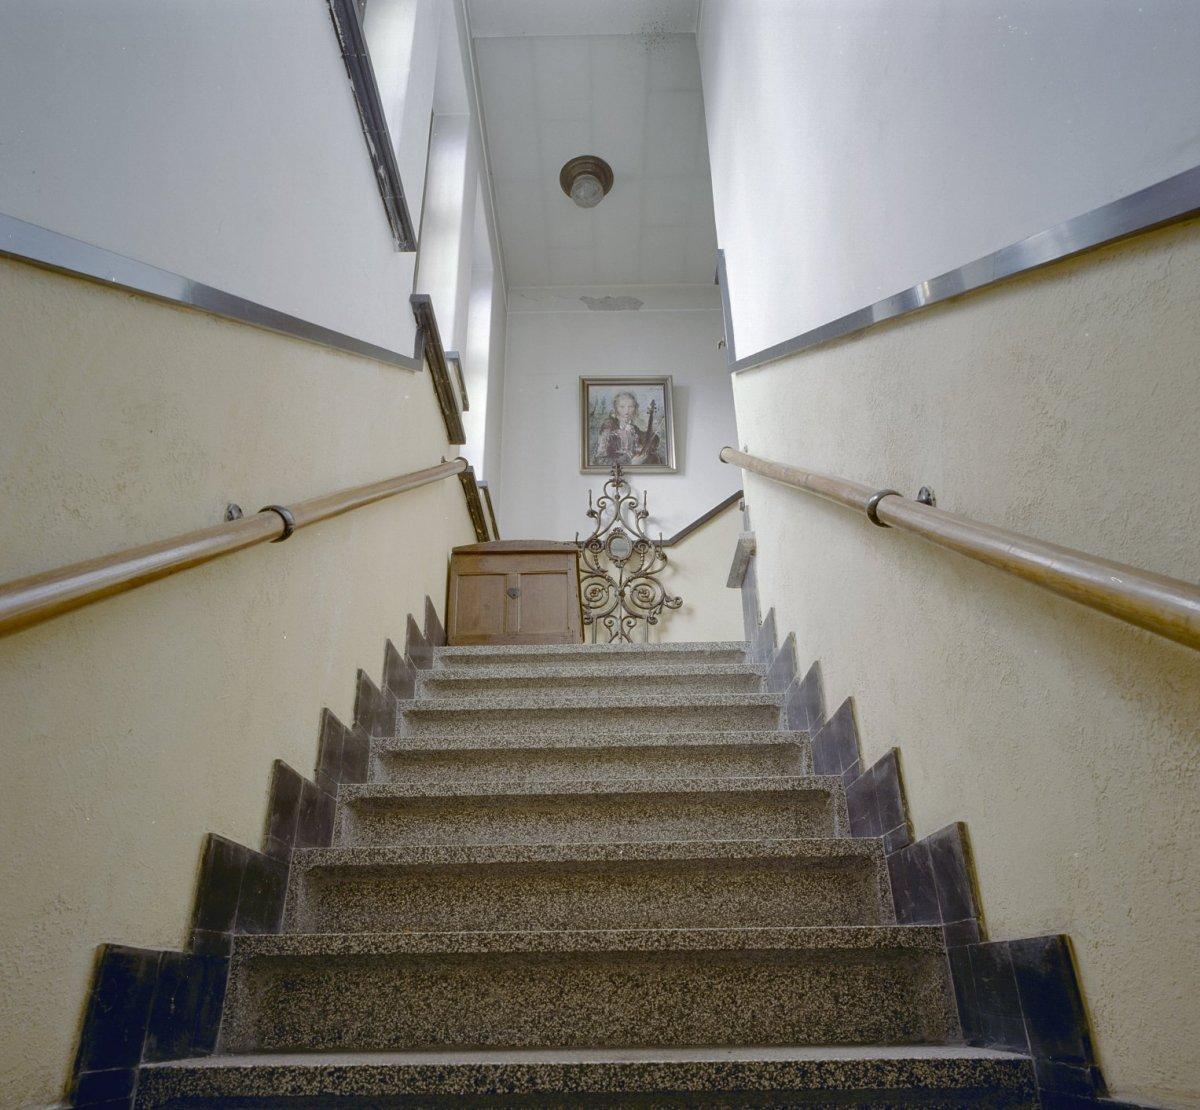 File interieur trappenhuis en trap met terrazzowerk van beneden naar boven bezien dongen - Beneden trap ...